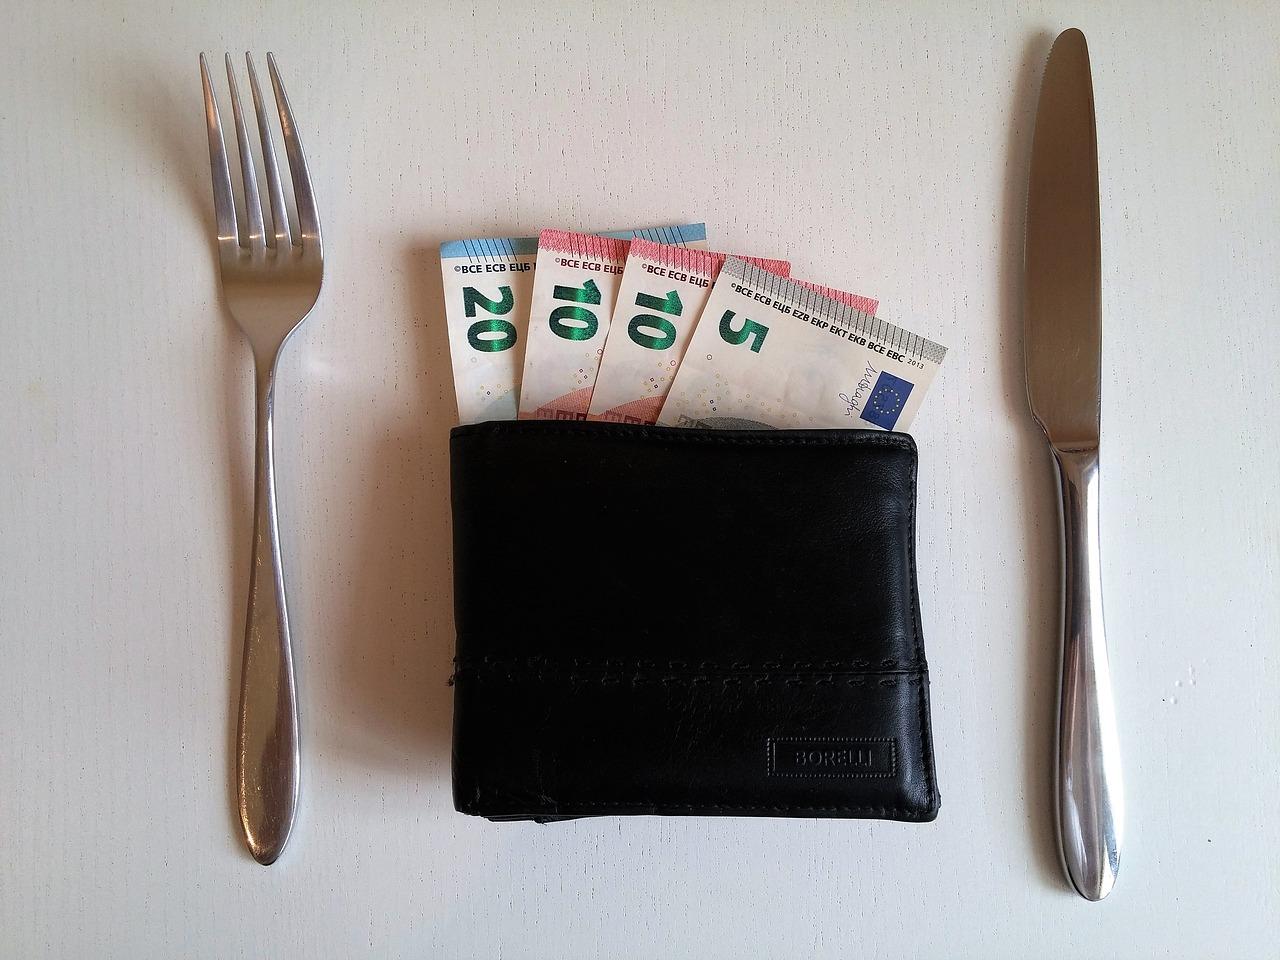 Petits revenus : Faut-il consommer ou investir ?